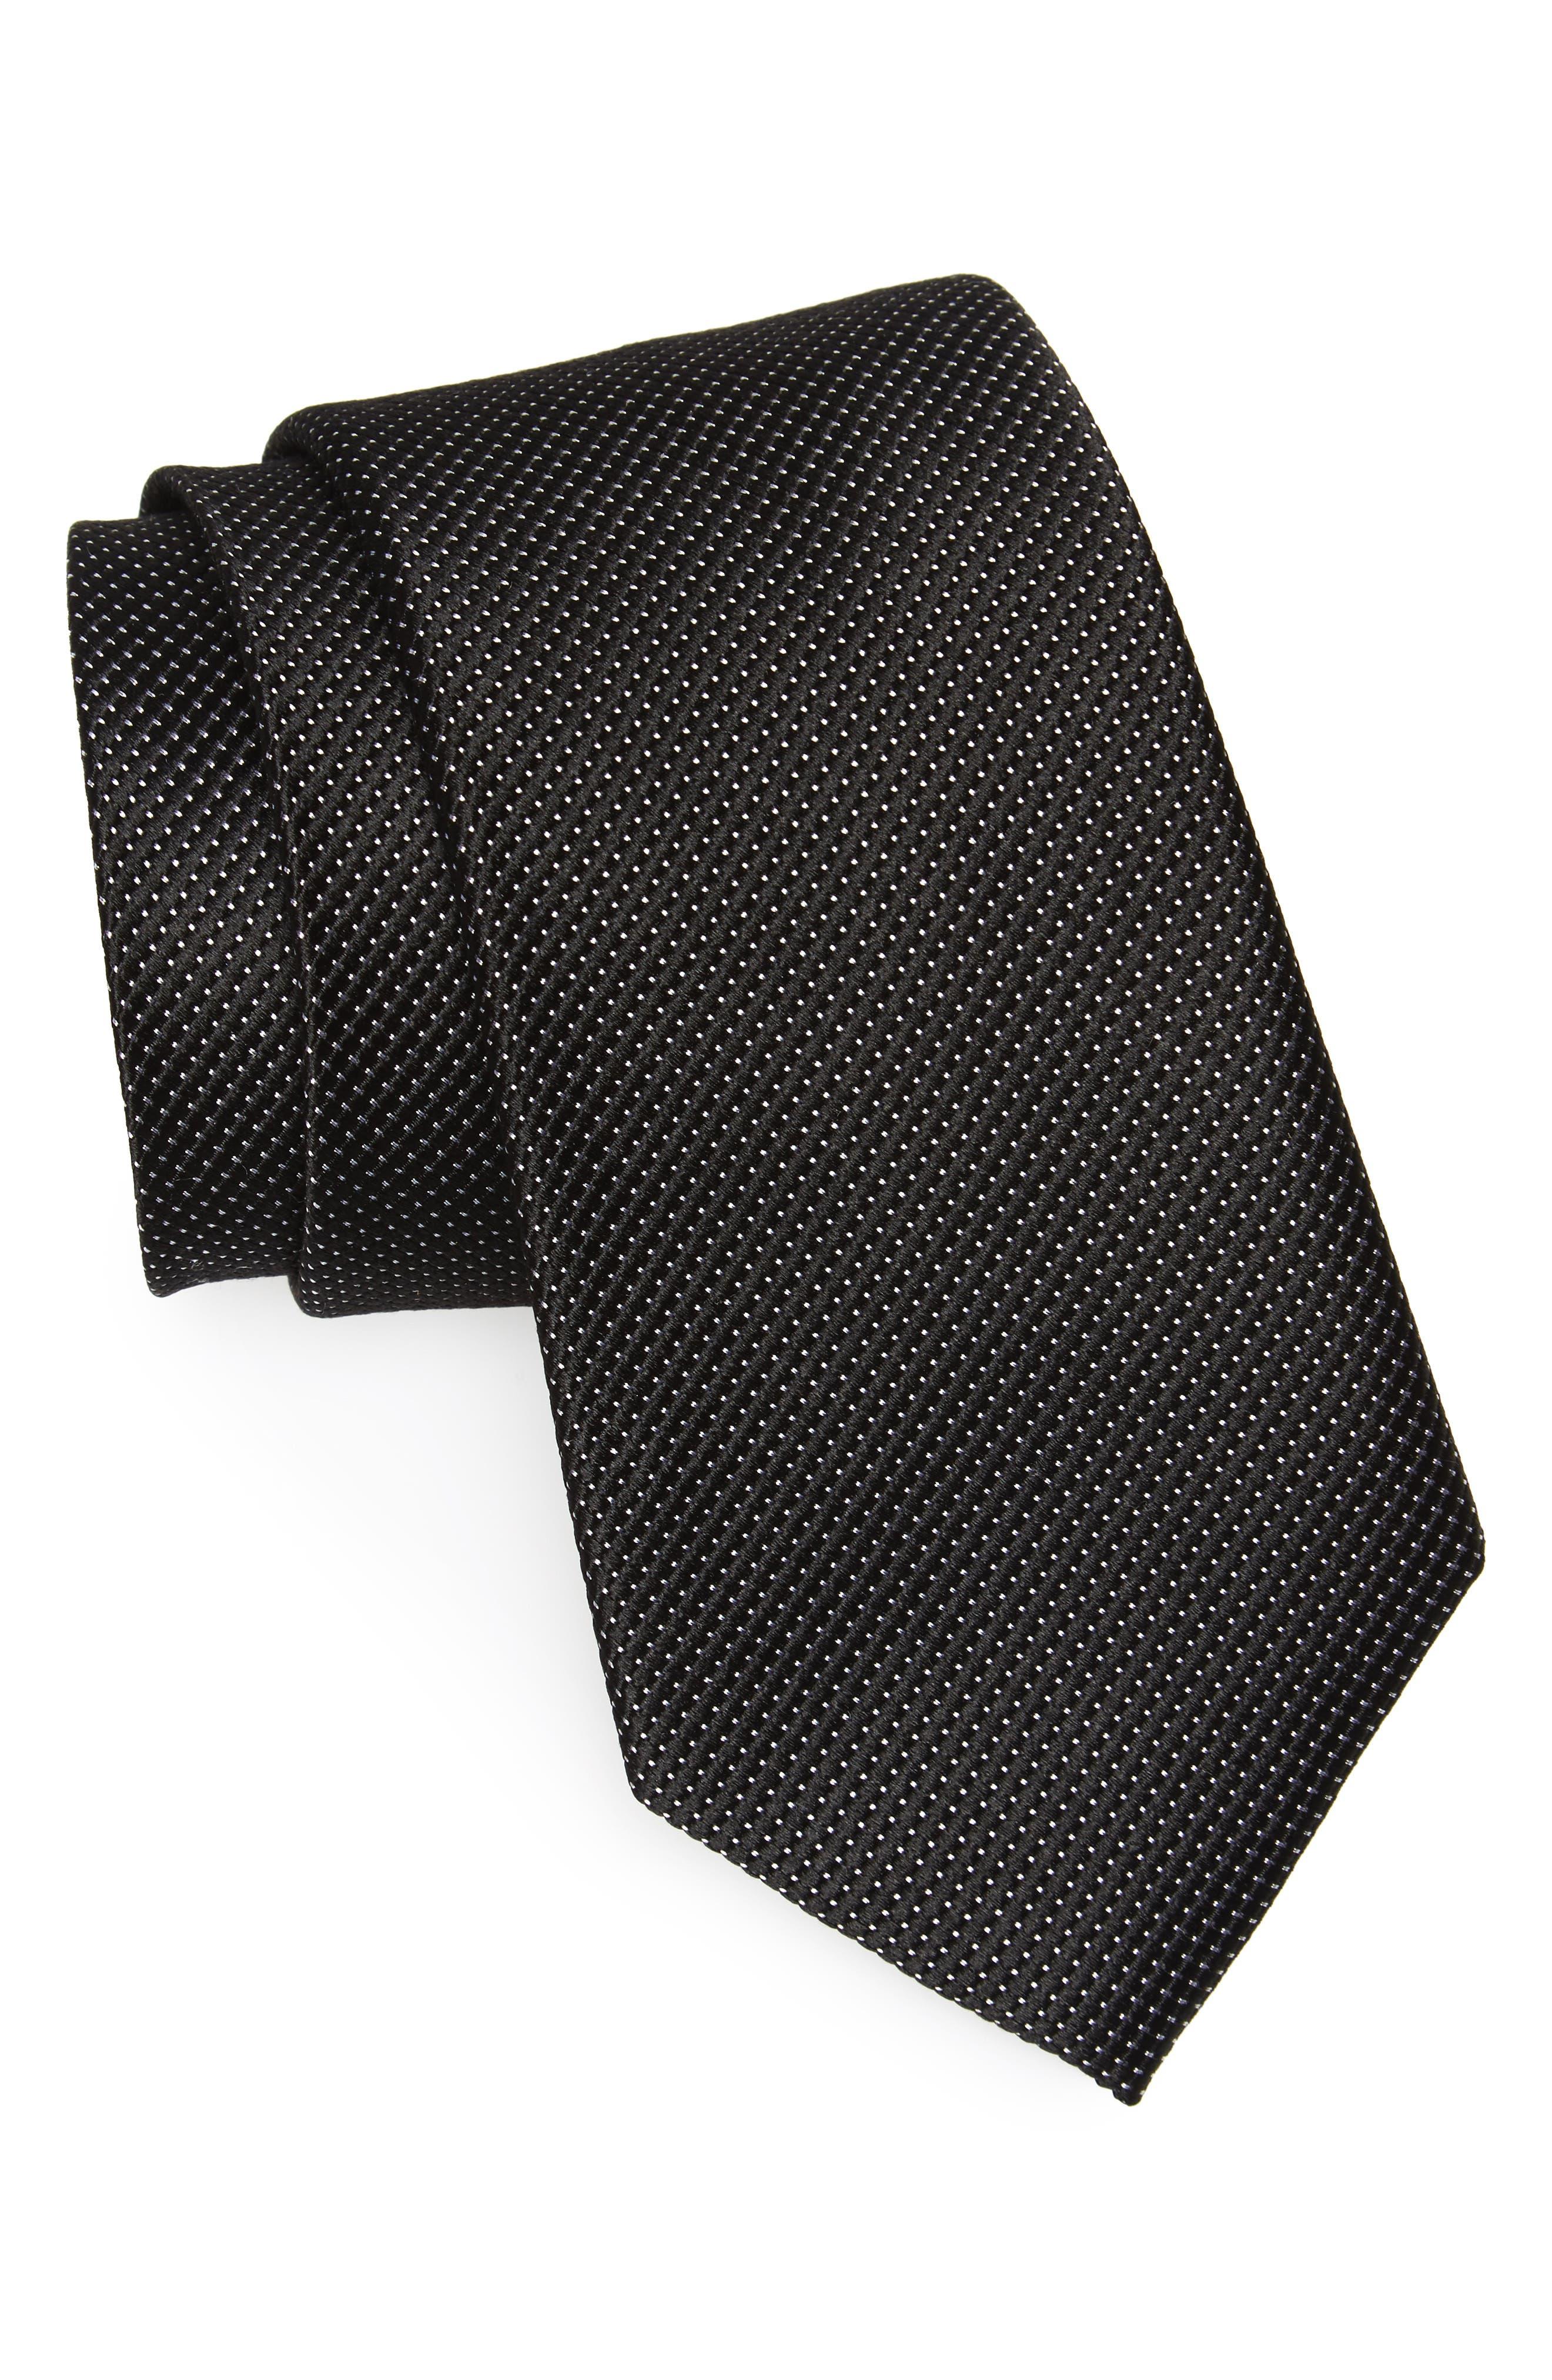 Vendôme Dot Silk Tie,                             Main thumbnail 1, color,                             BLACK